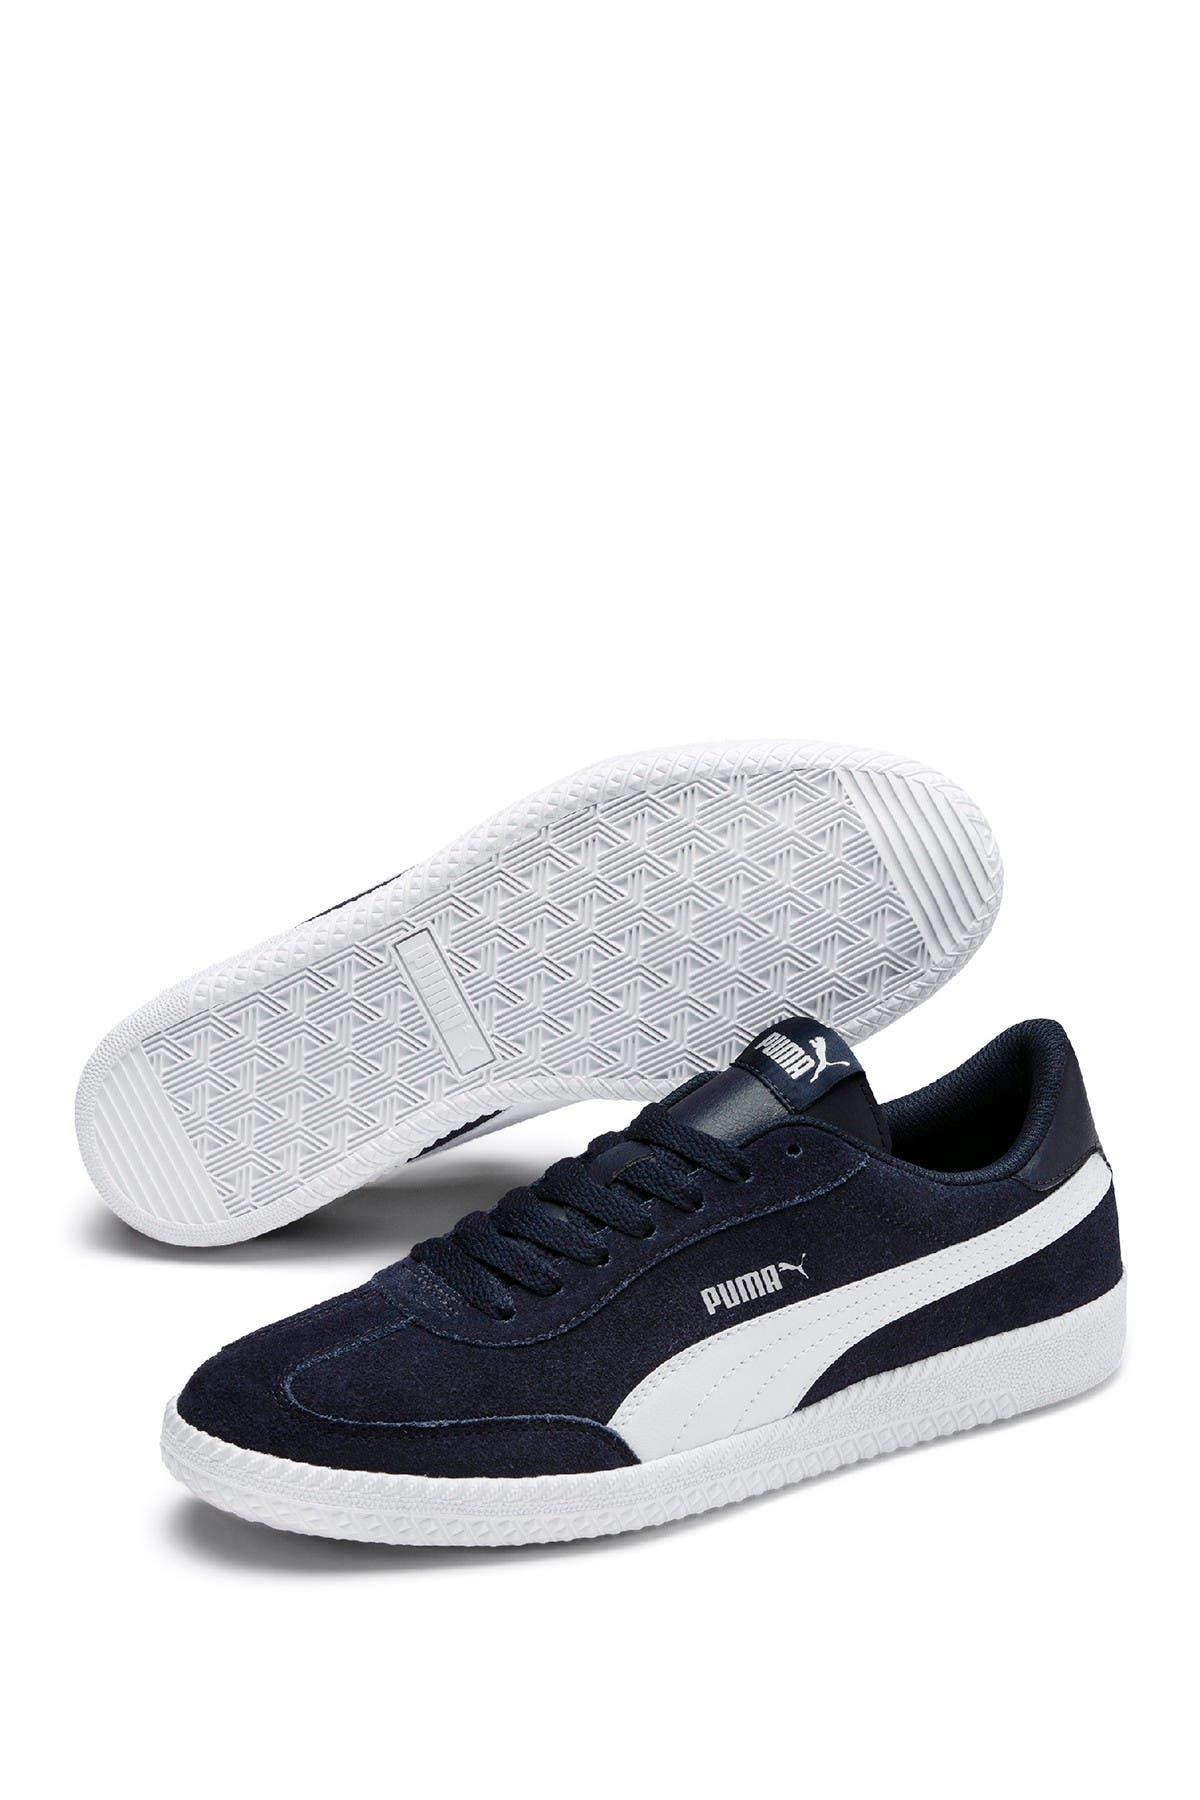 PUMA | Astro Cup Suede Sneaker